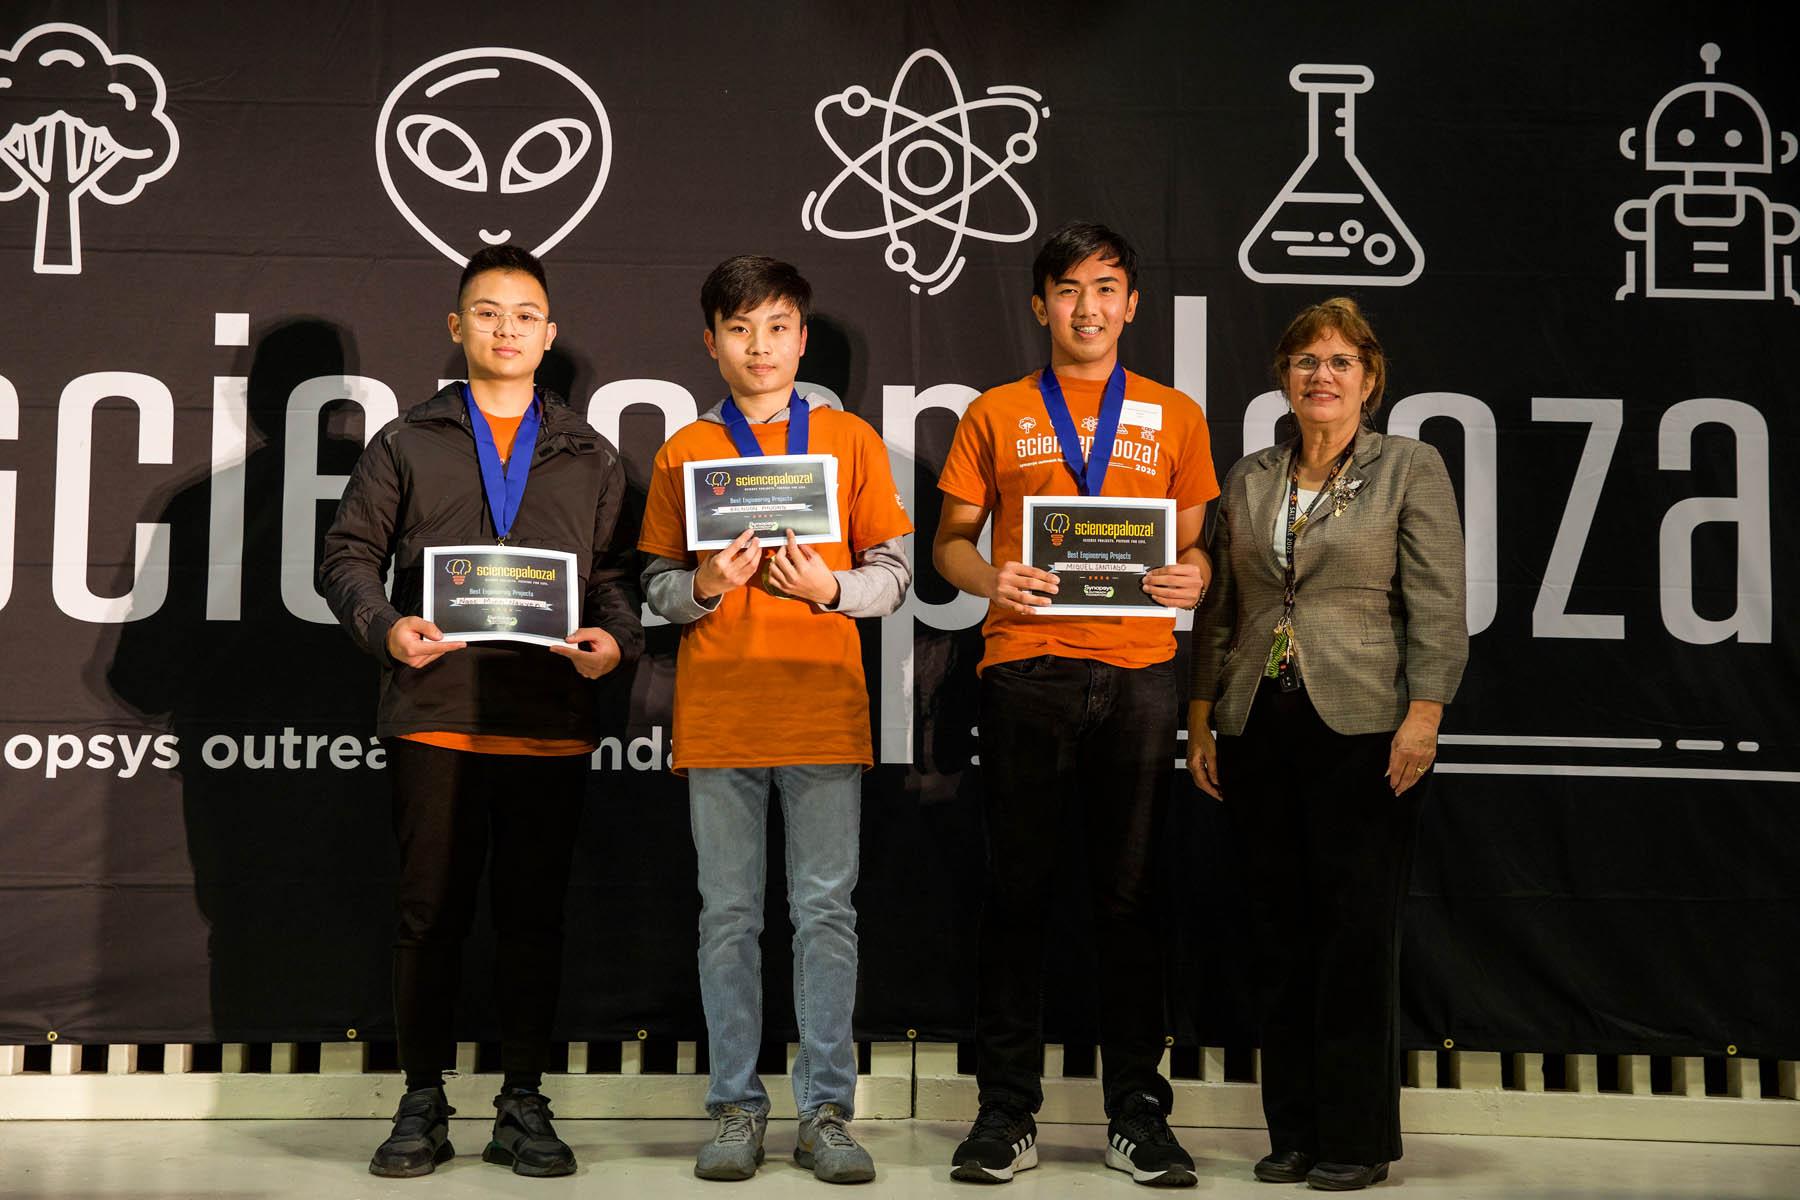 sciencepalooza-2020kv429879